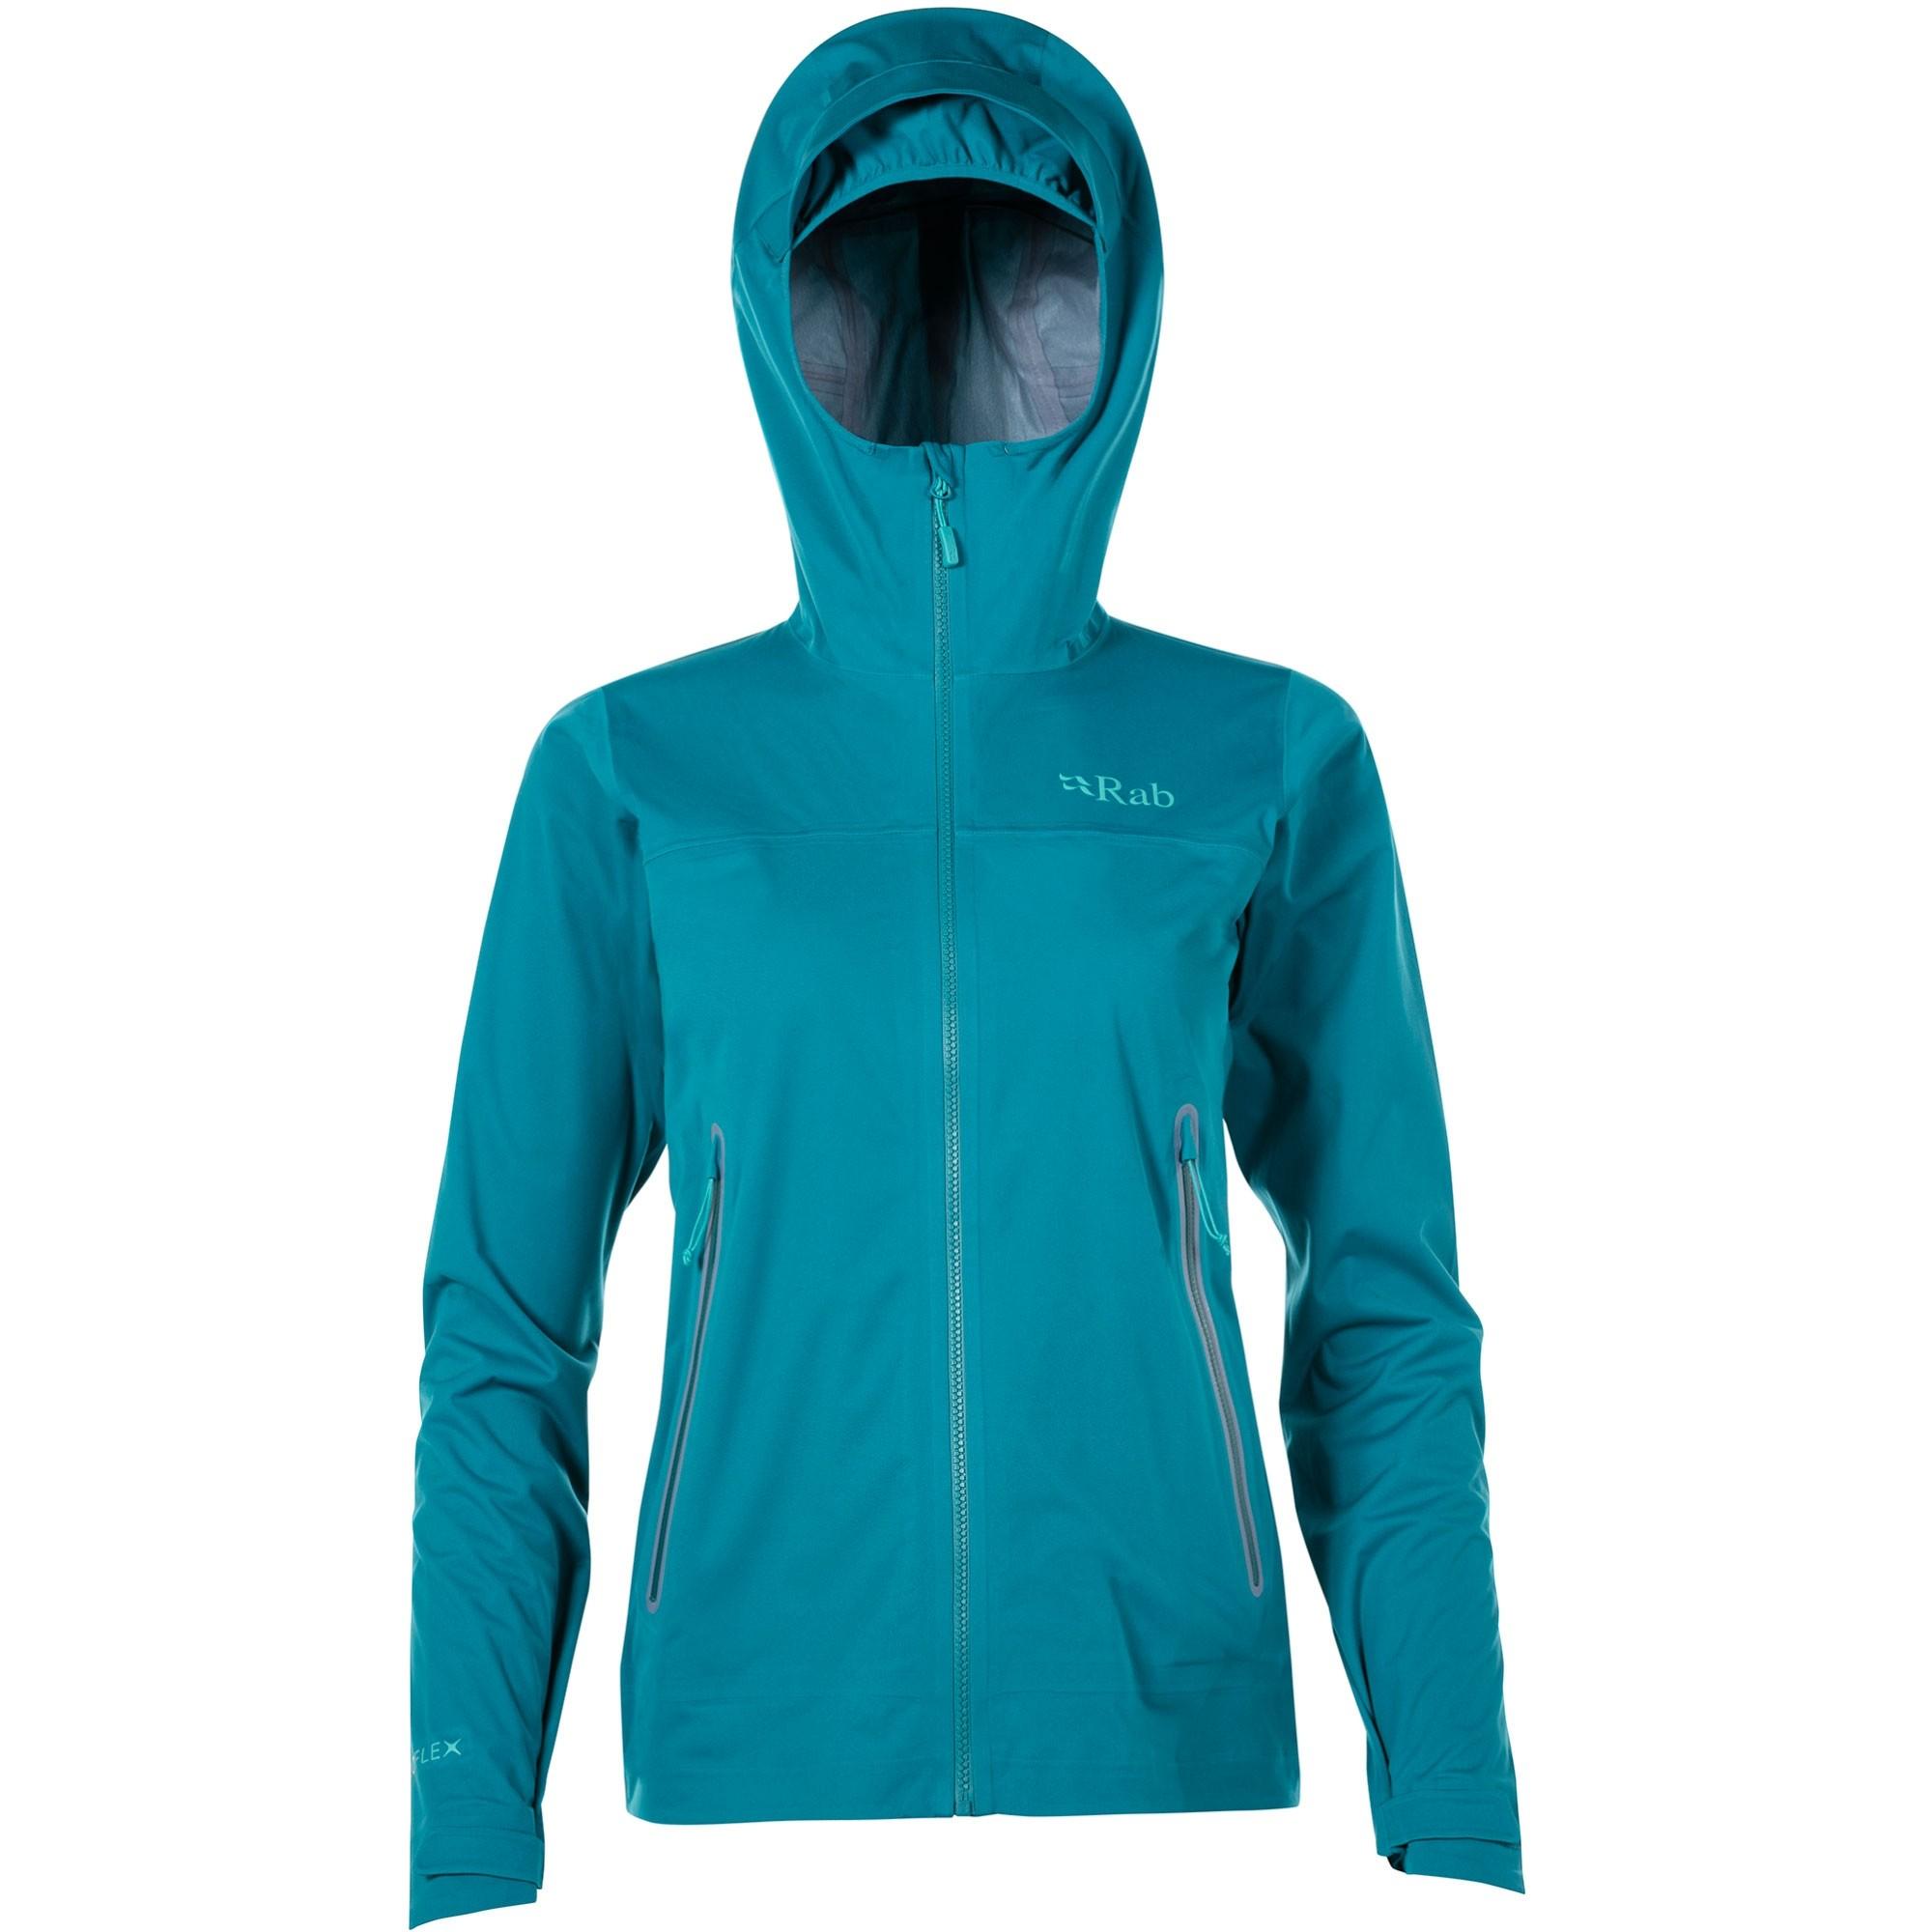 Rab Kinetic Plus Women's Waterproof Jacket - Amazon